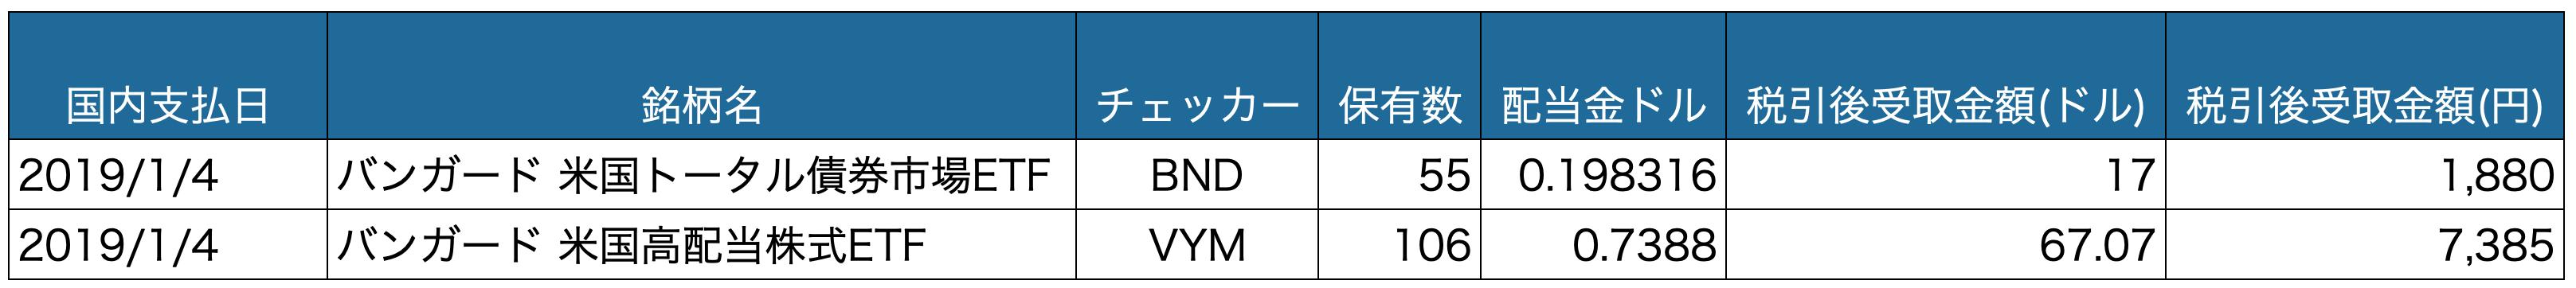 配当金_201901